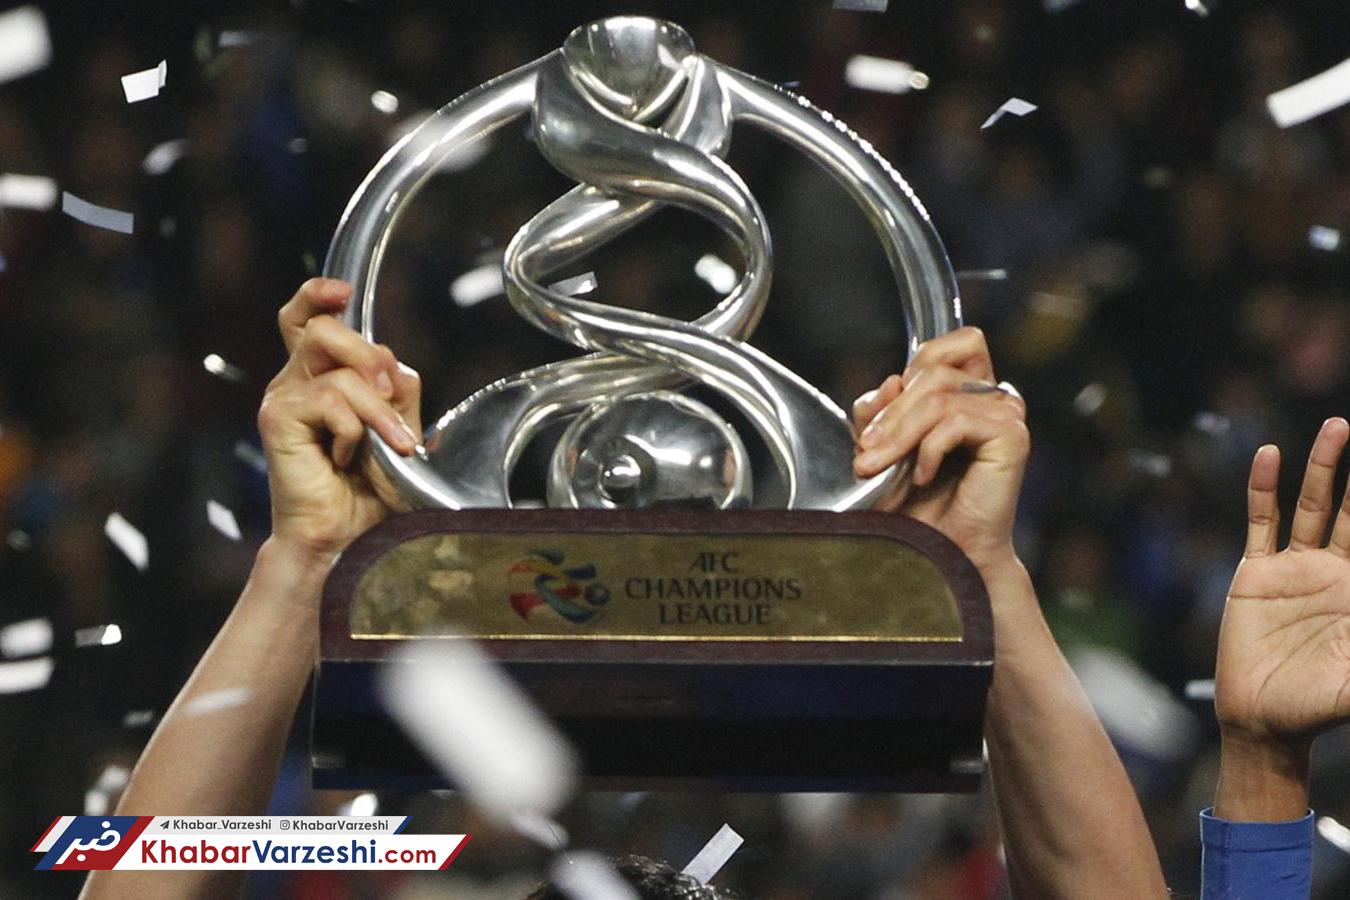 تاریخ فینال لیگ قهرمانان آسیا مشخص شد